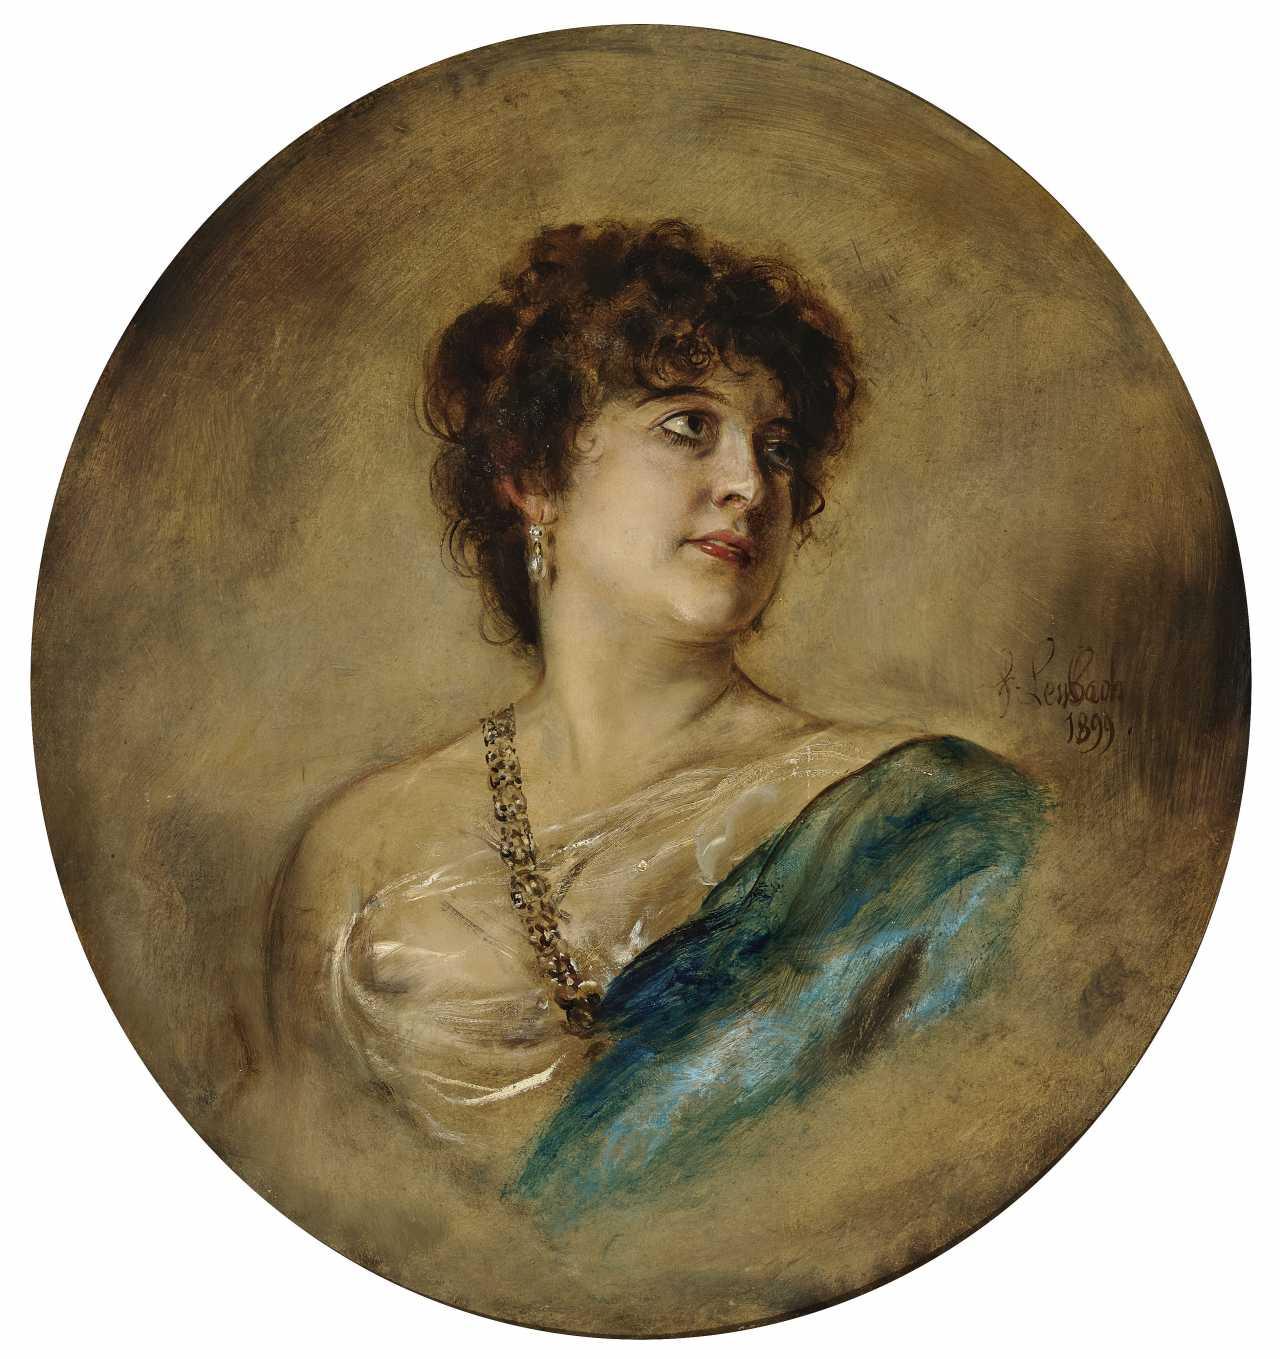 Bárkány Mária, a 19. század elfelejtett színész-csillaga | Szombat Online